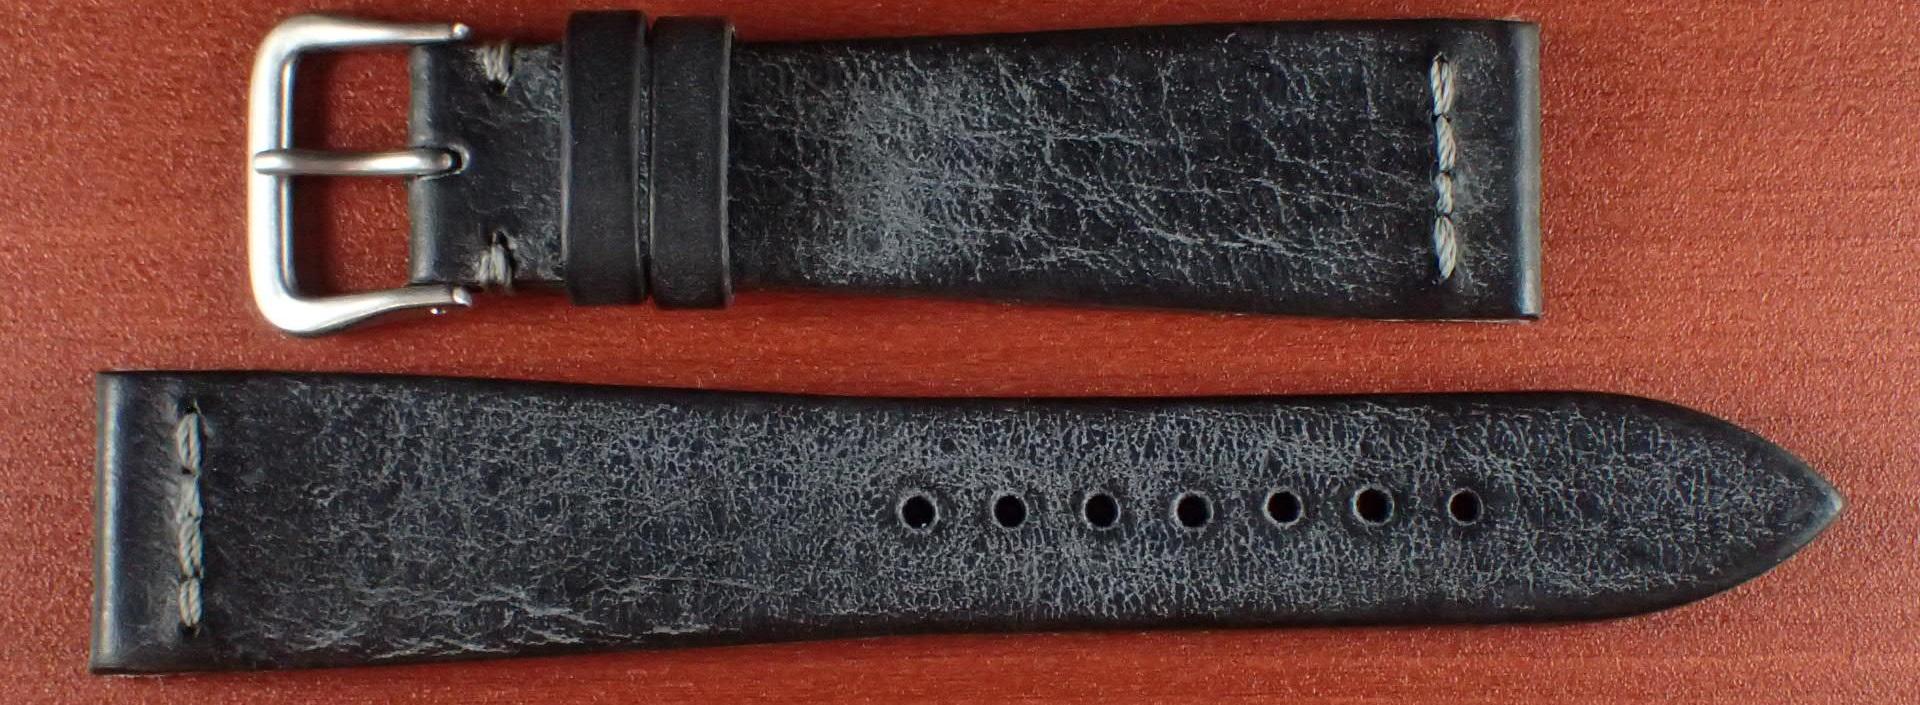 ブライドルレザーベルト ラ・ペルラ・アッズーラ アラスカ 一文字ステッチ ブラック 18、20mm